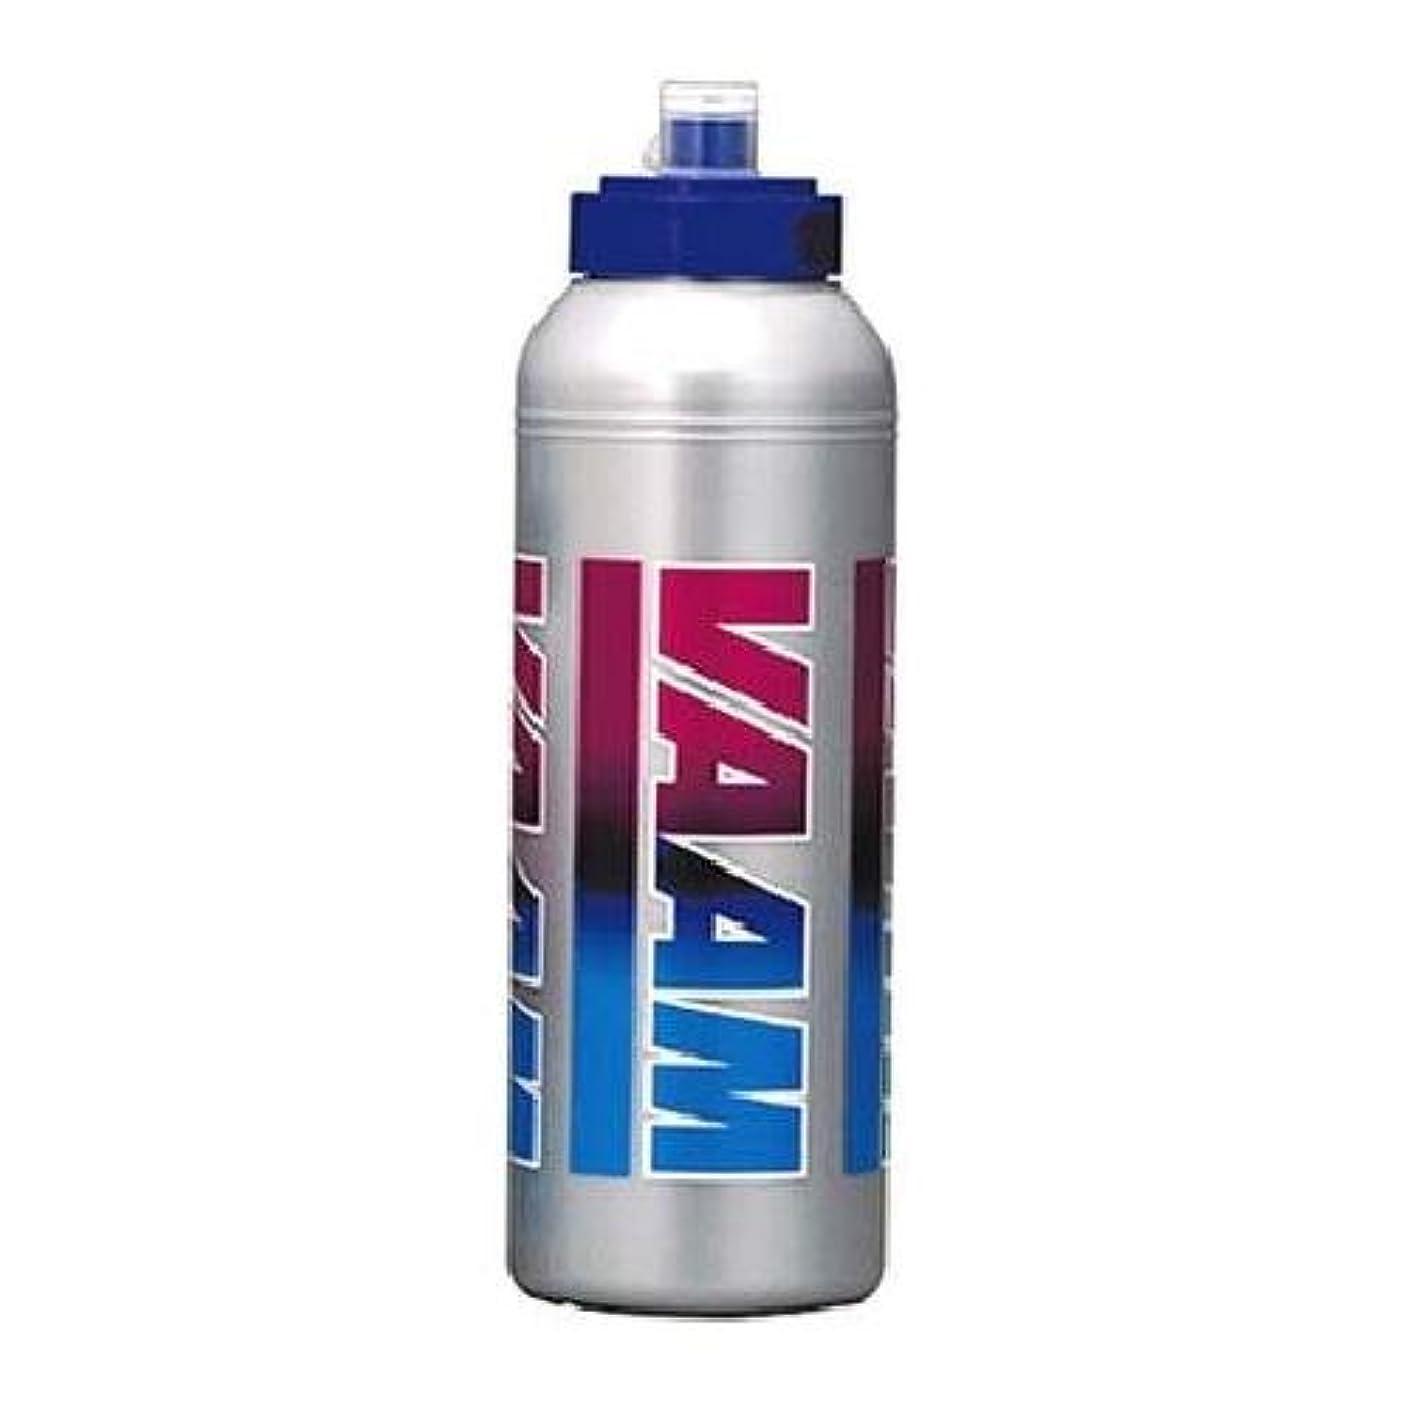 より平らな緩める勃起ヴァーム (VAAM) スクイズボトル (大) 1000ml